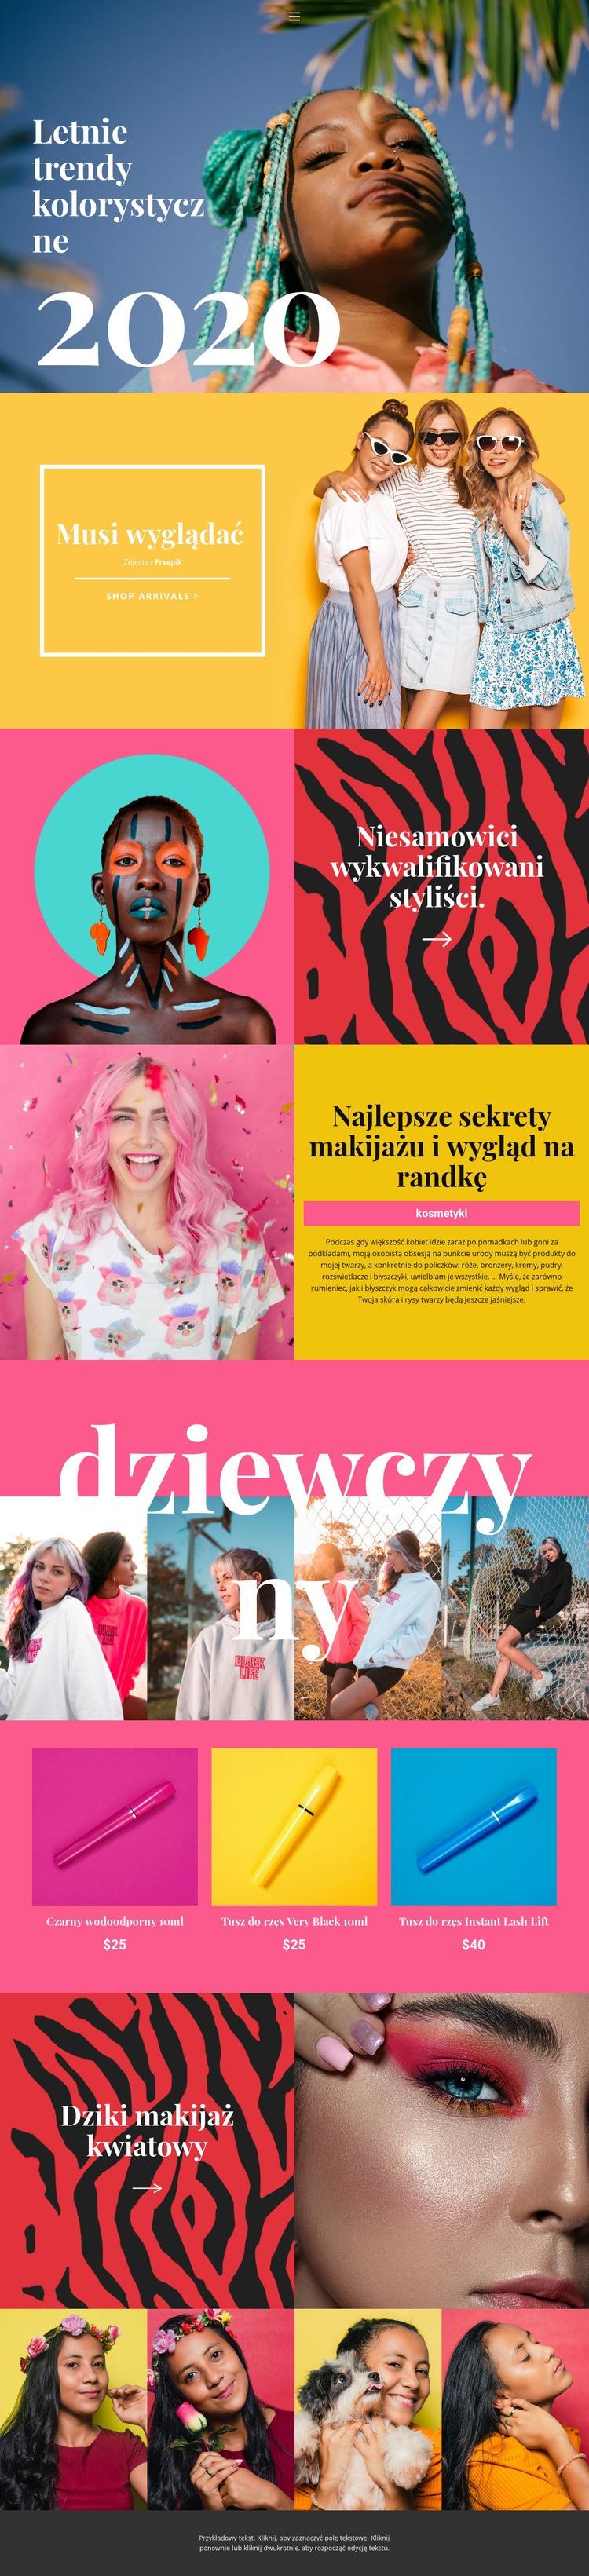 Informacje o trendach kosmetycznych Szablon witryny sieci Web